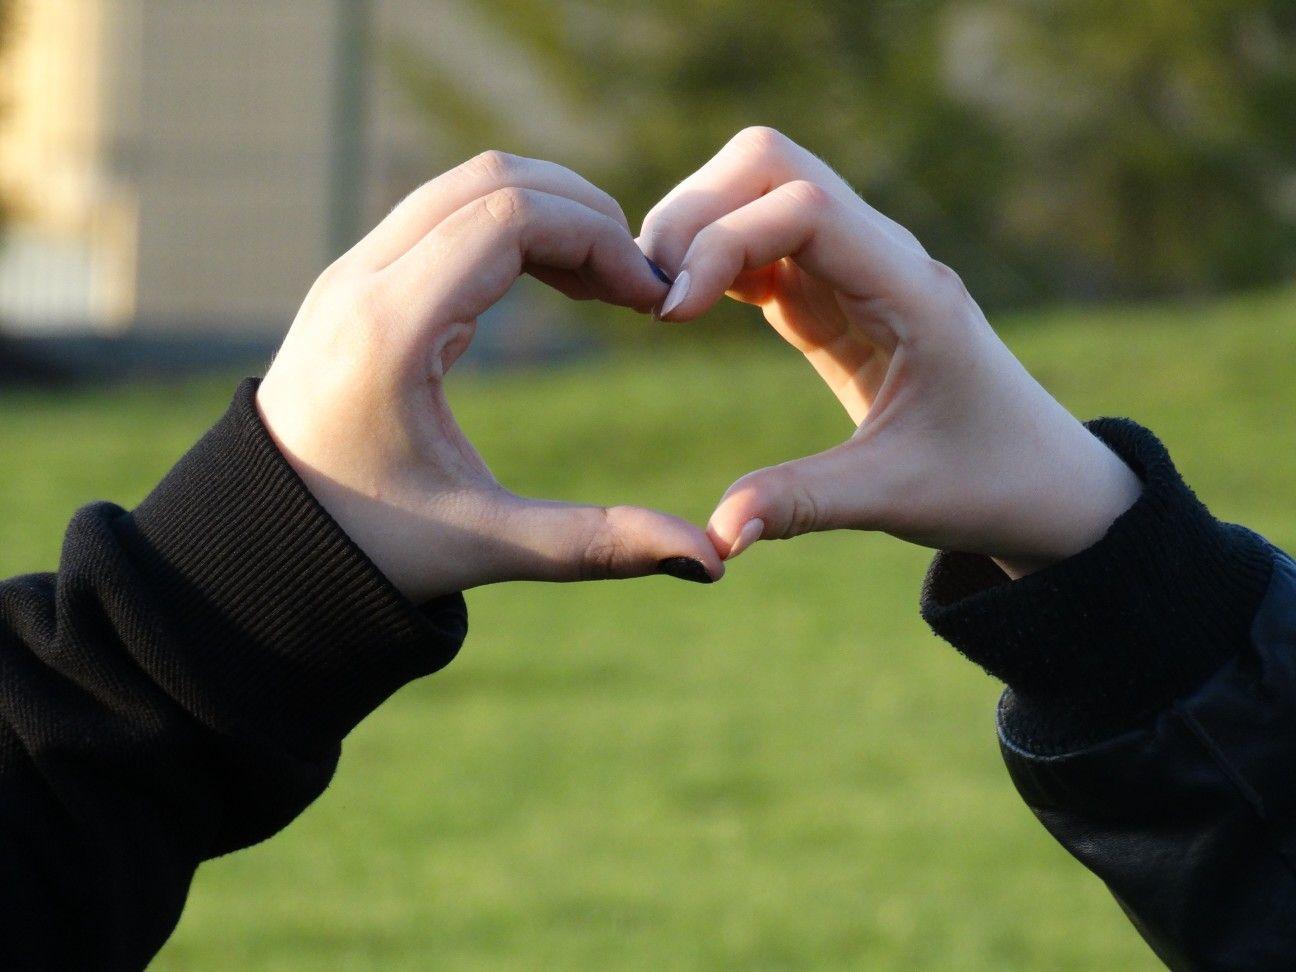 Картинки сердце из пальцев рук вместо этого